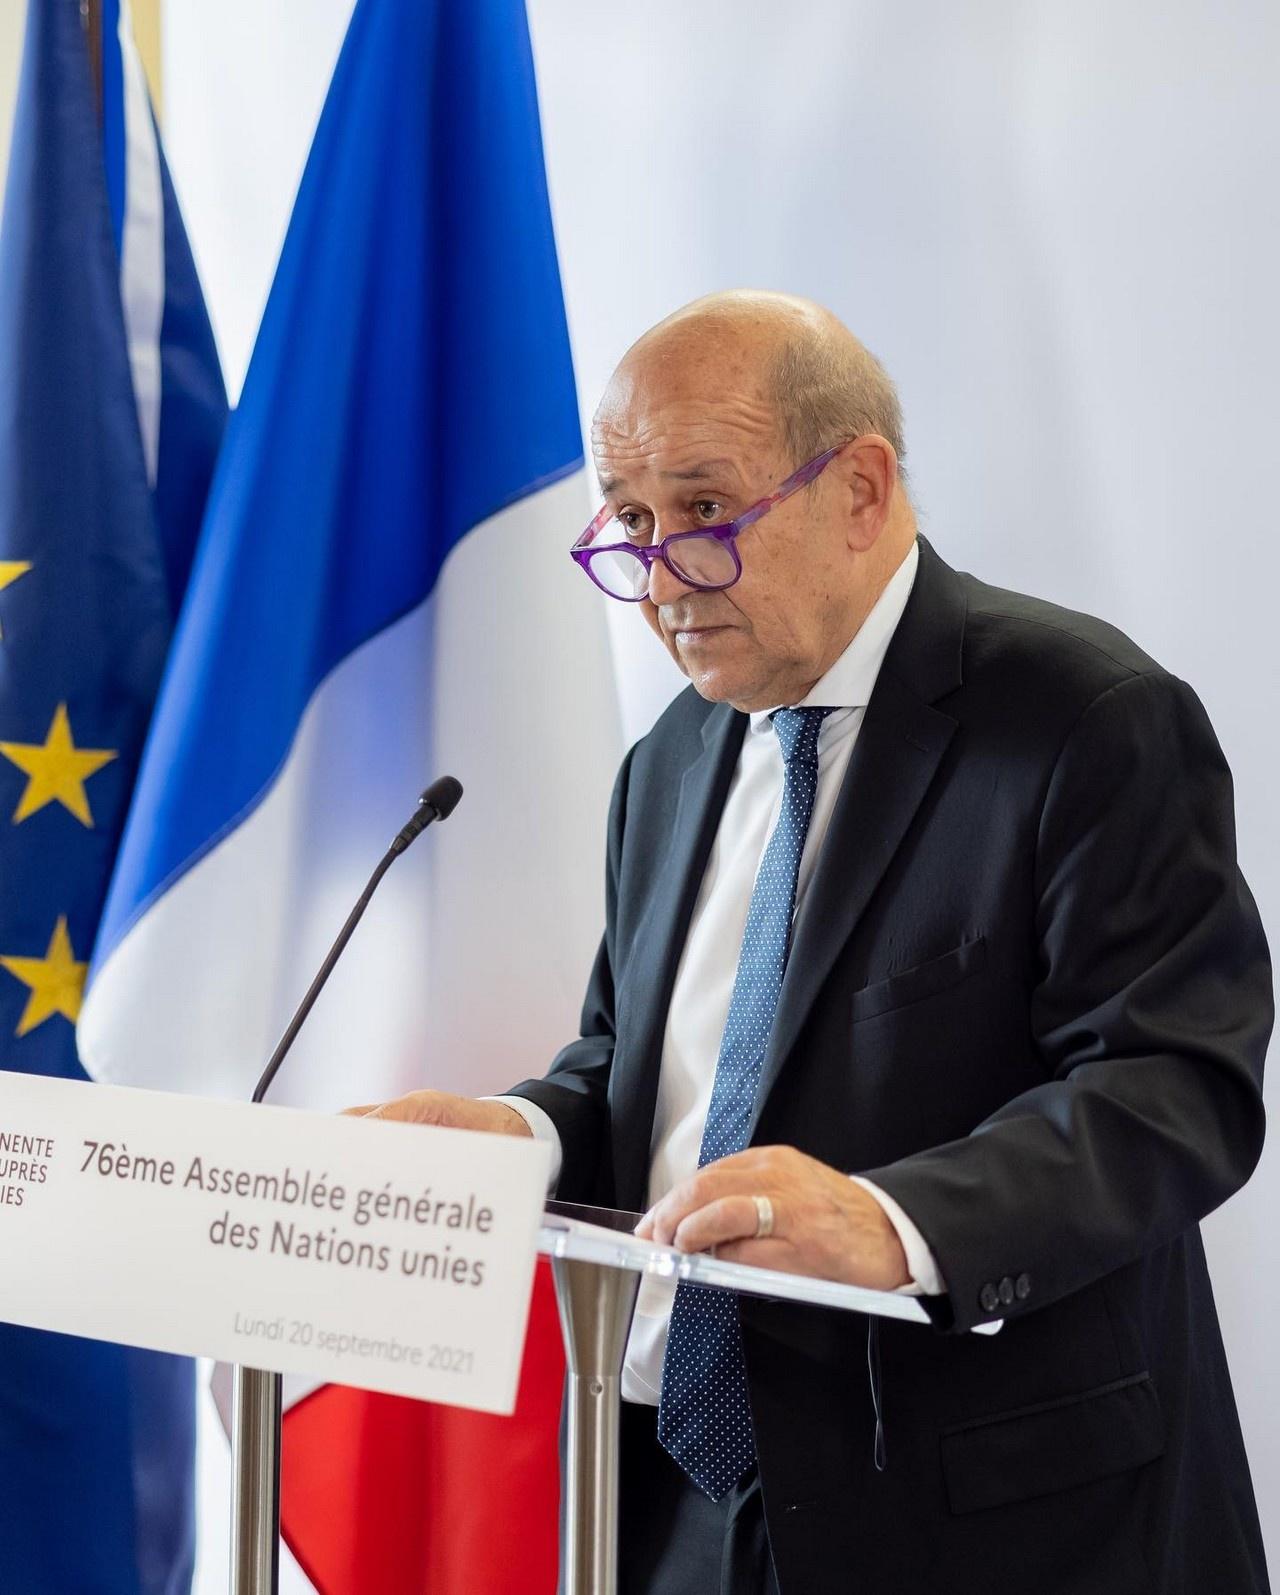 Ле Дриан на пресс-конференции на полях сессии Генассамблеи ООН в Нью-Йорке говорил о «потере доверия между союзниками».